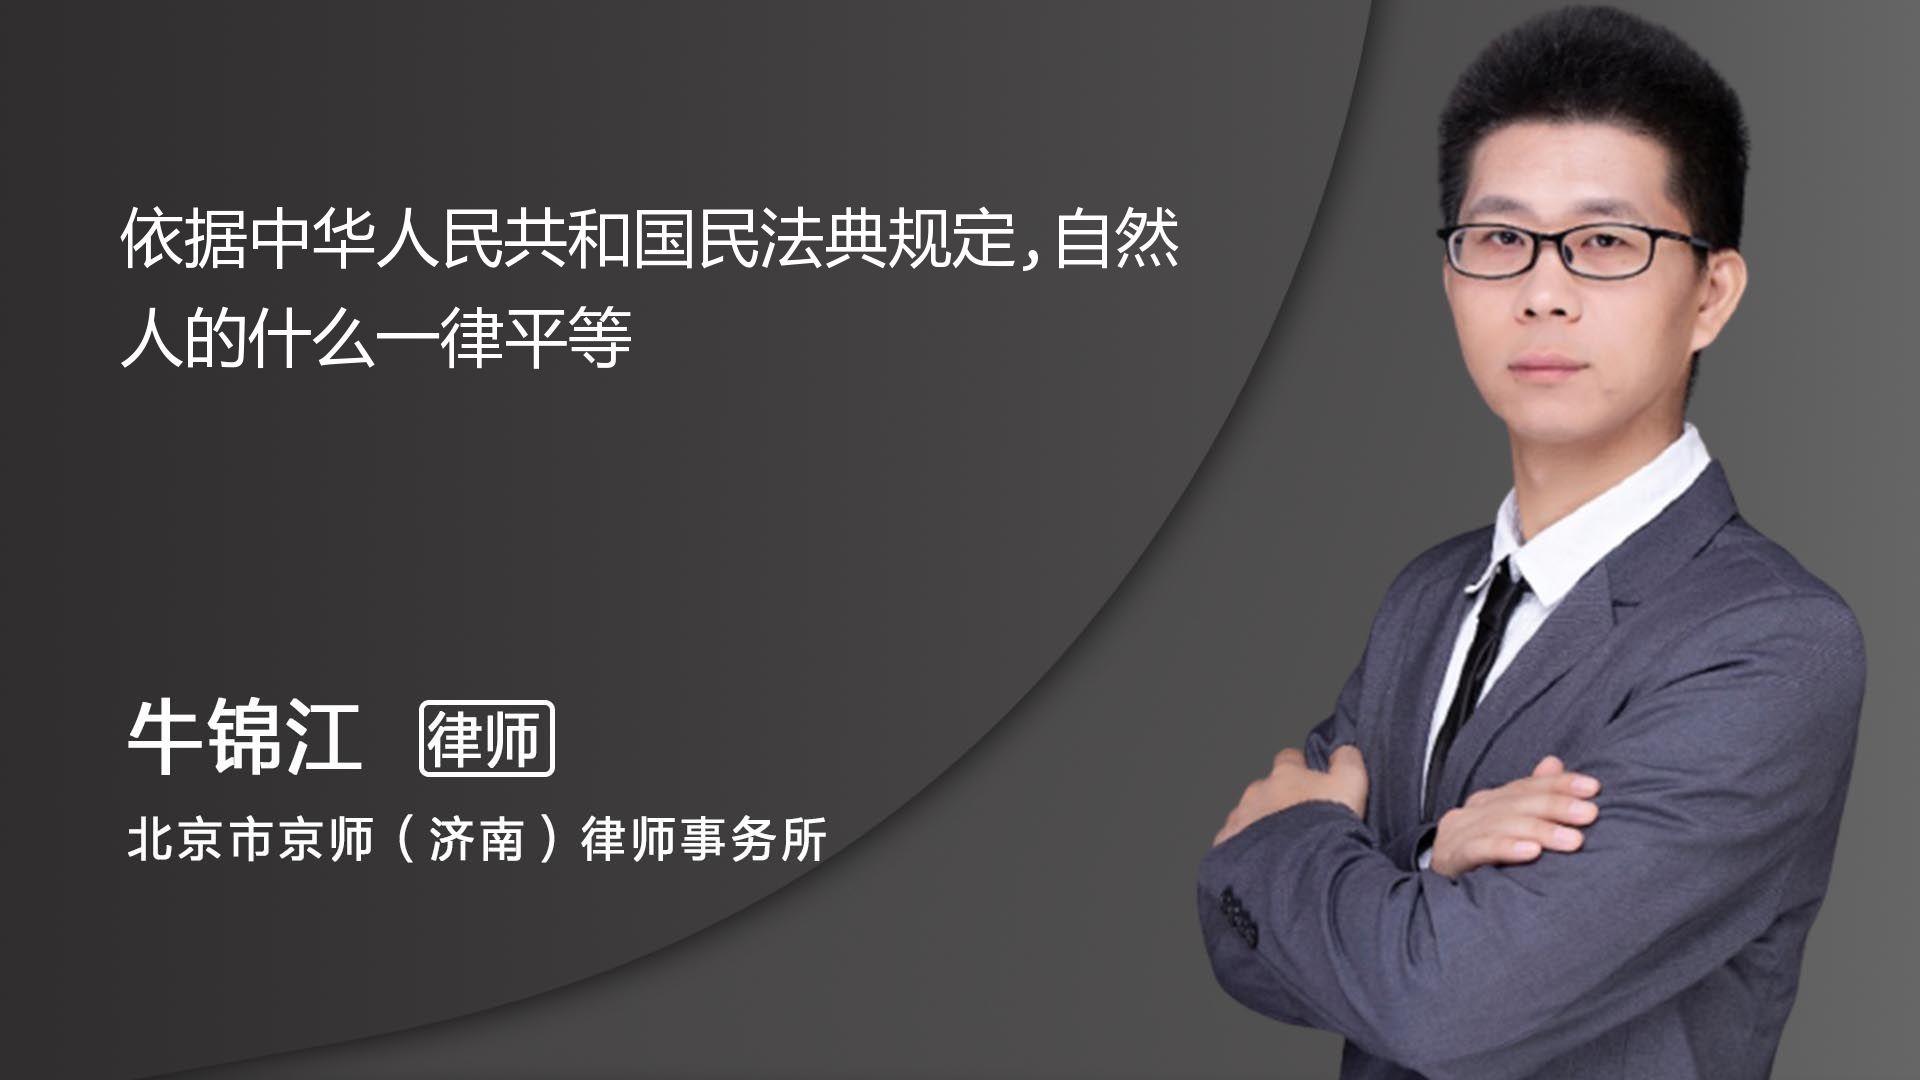 依据中华人民共和国民法典规定,自然人的什么一律平等